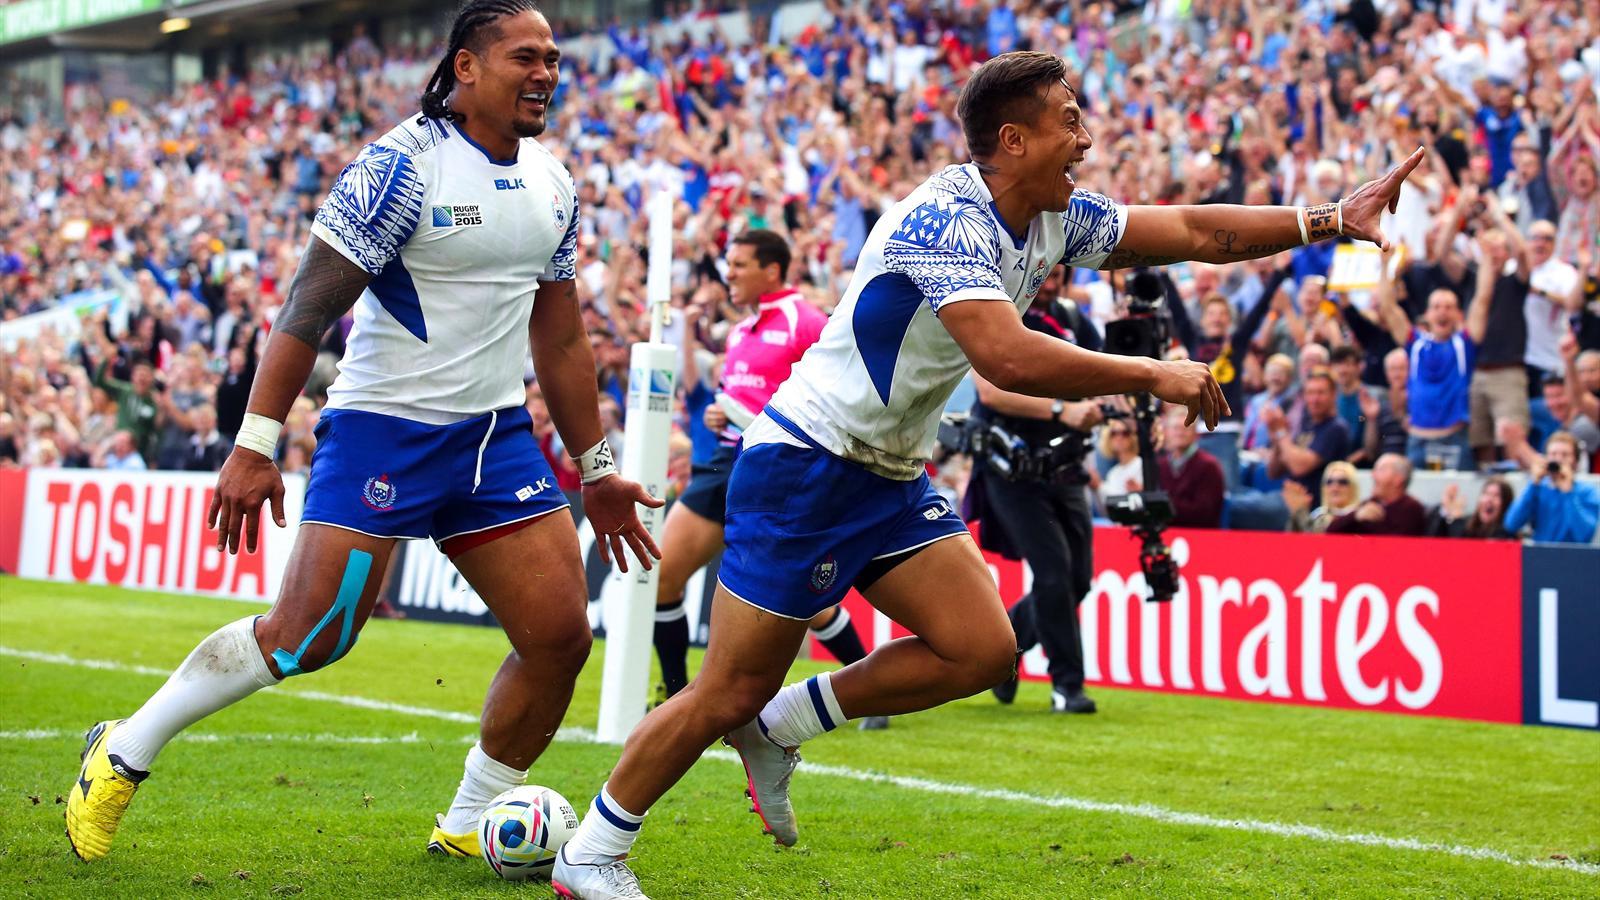 Coupe du monde de rugby 2015 fid les eux m mes les - Coupe de france rugby 2015 ...